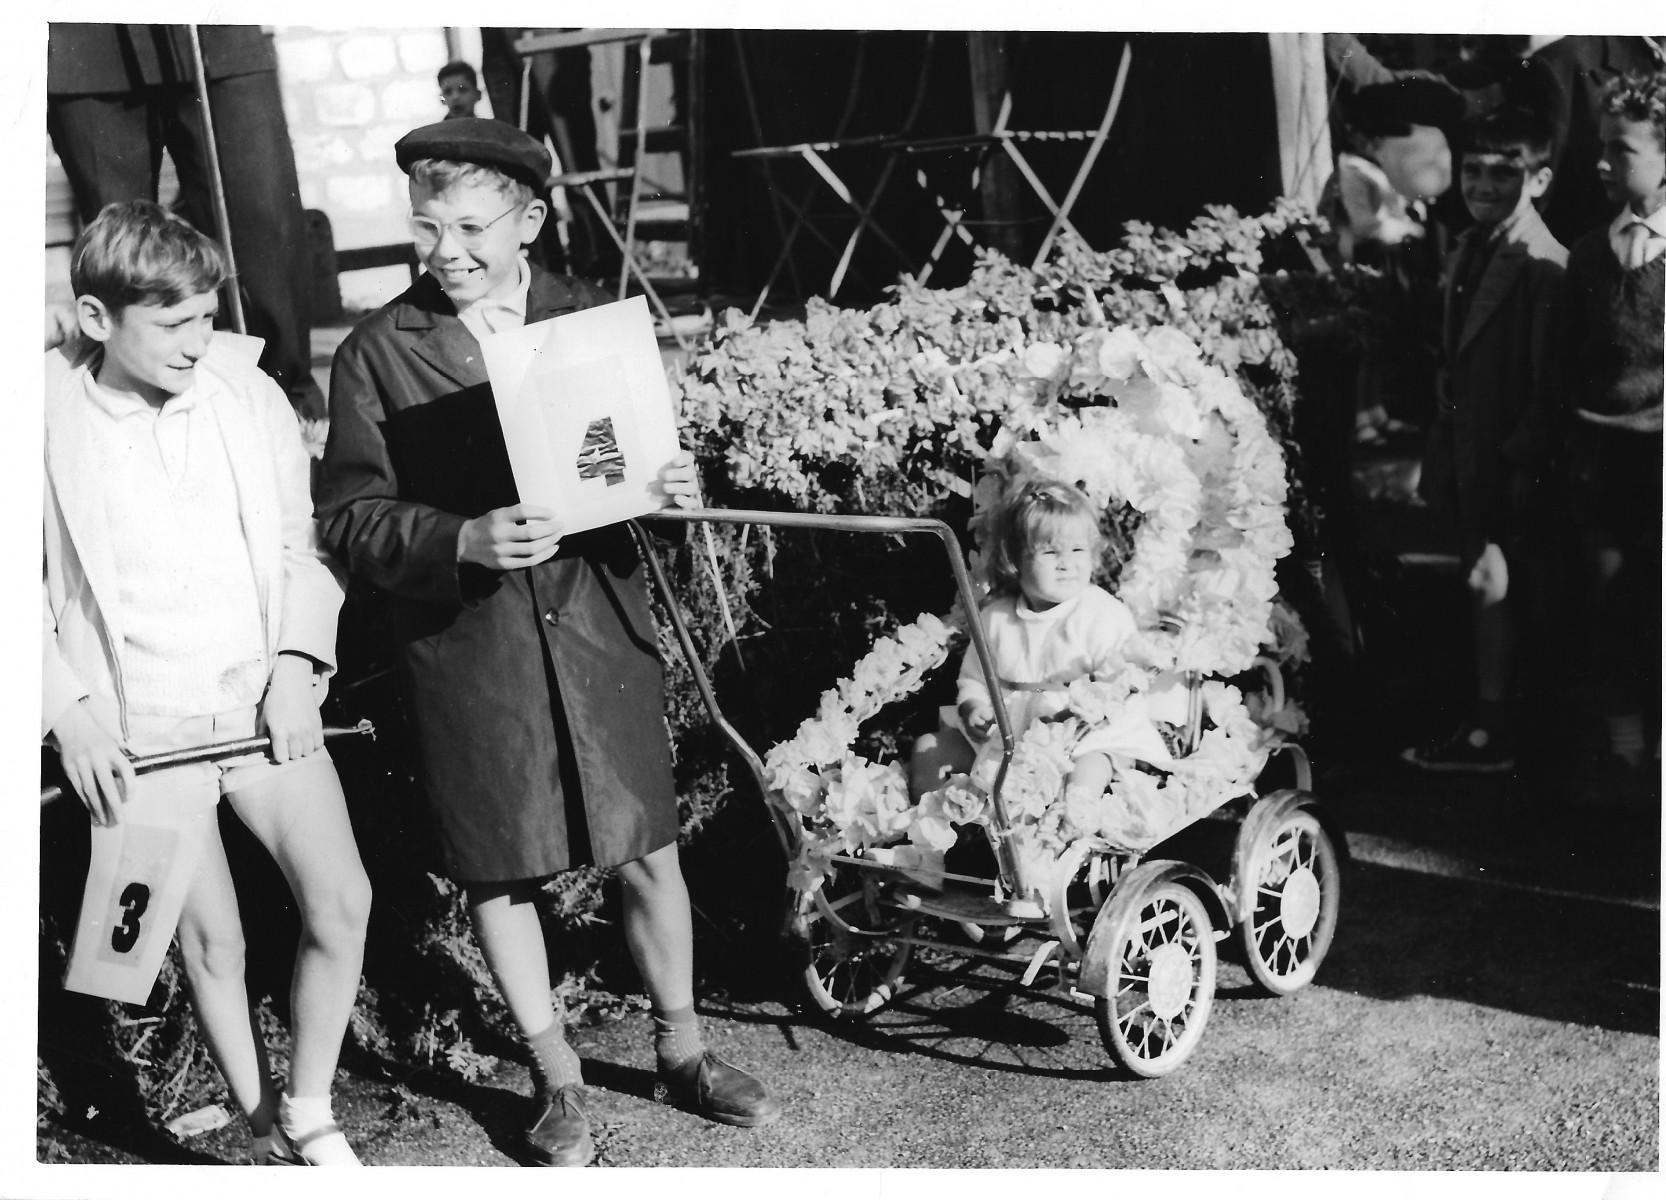 27-Docs-Lydie-Gascoin-15-Fête-de-lArgonne-1964-plus-beau-bébé-Nouvelles-Galeries-Anne-Lise-Gascoin